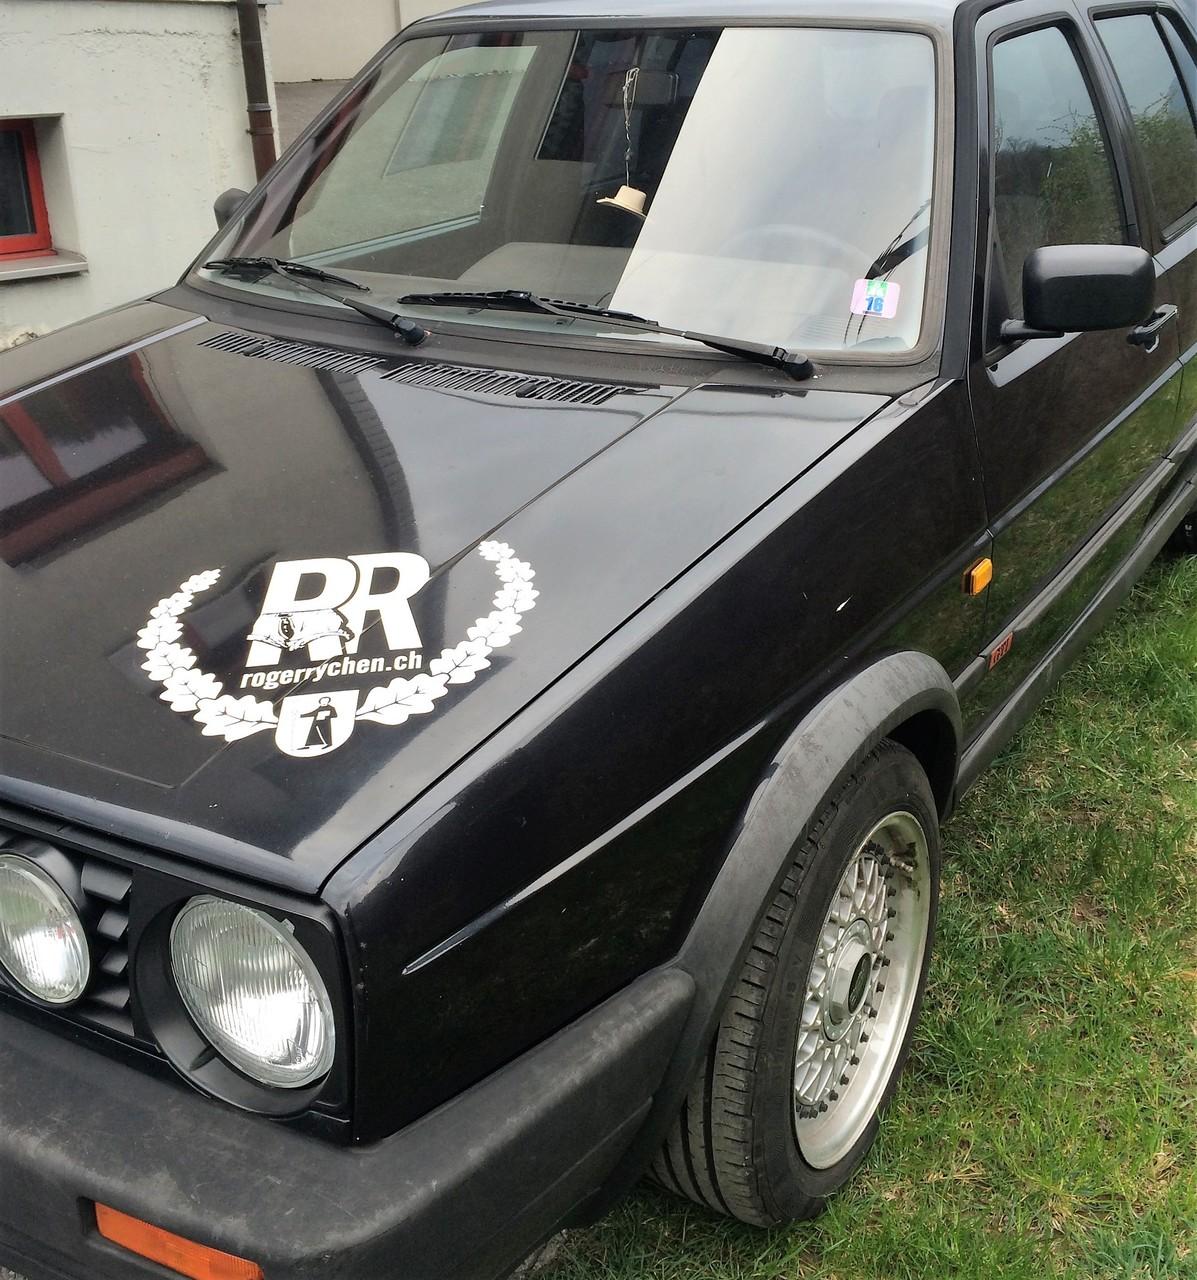 VW Golf, Kleber auf Motorhaube vorne rechts